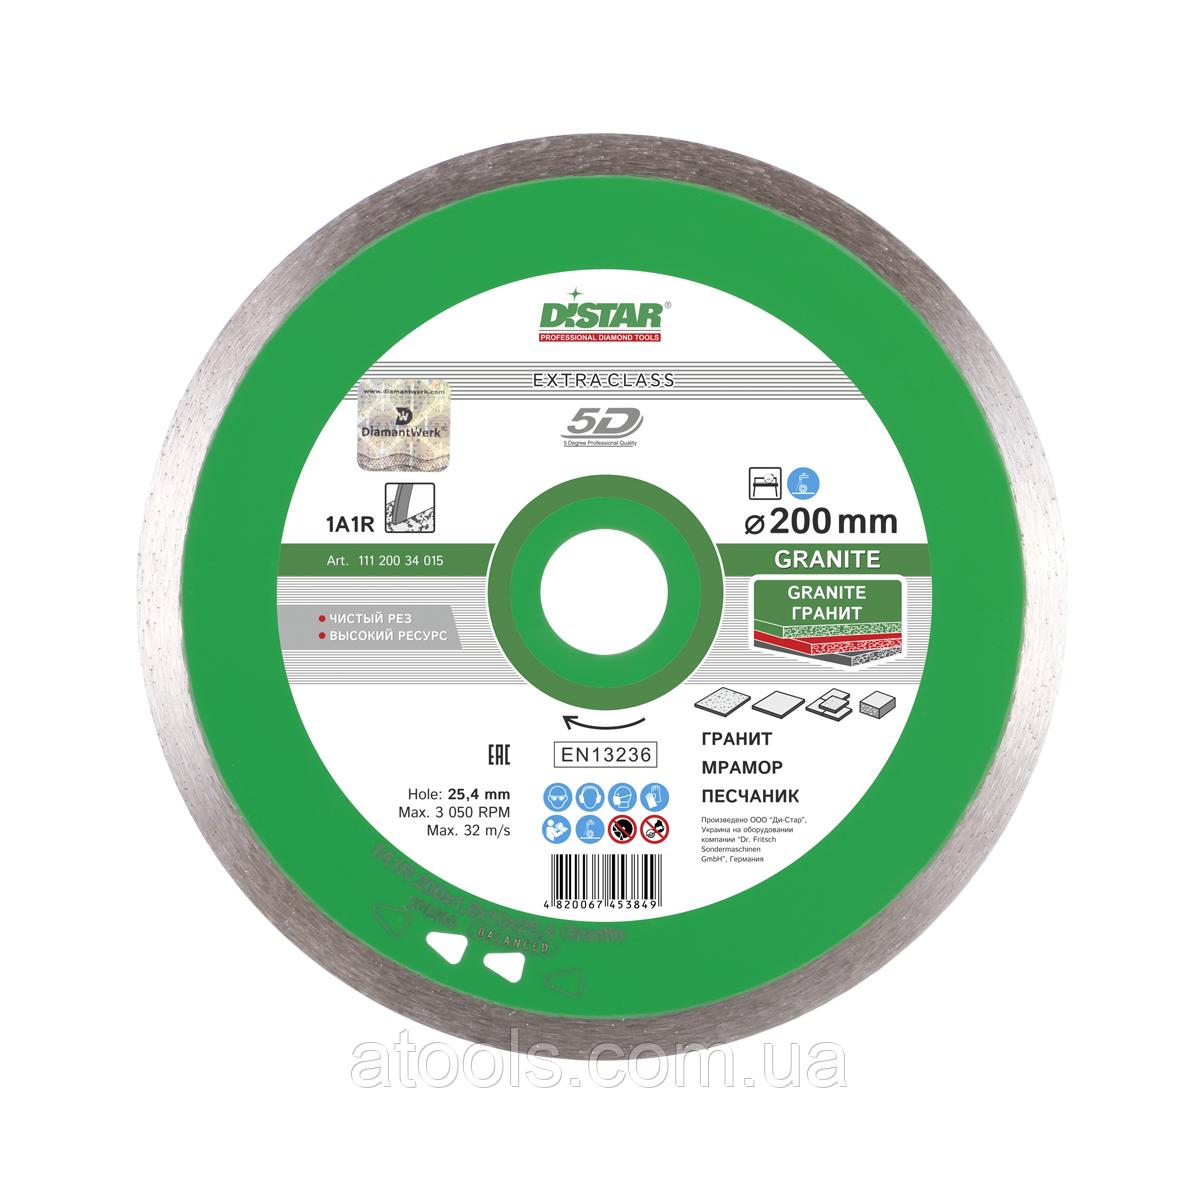 Алмазный отрезной диск Distar Granite 1A1R 200x1.6x10x25.4 (11120034015)